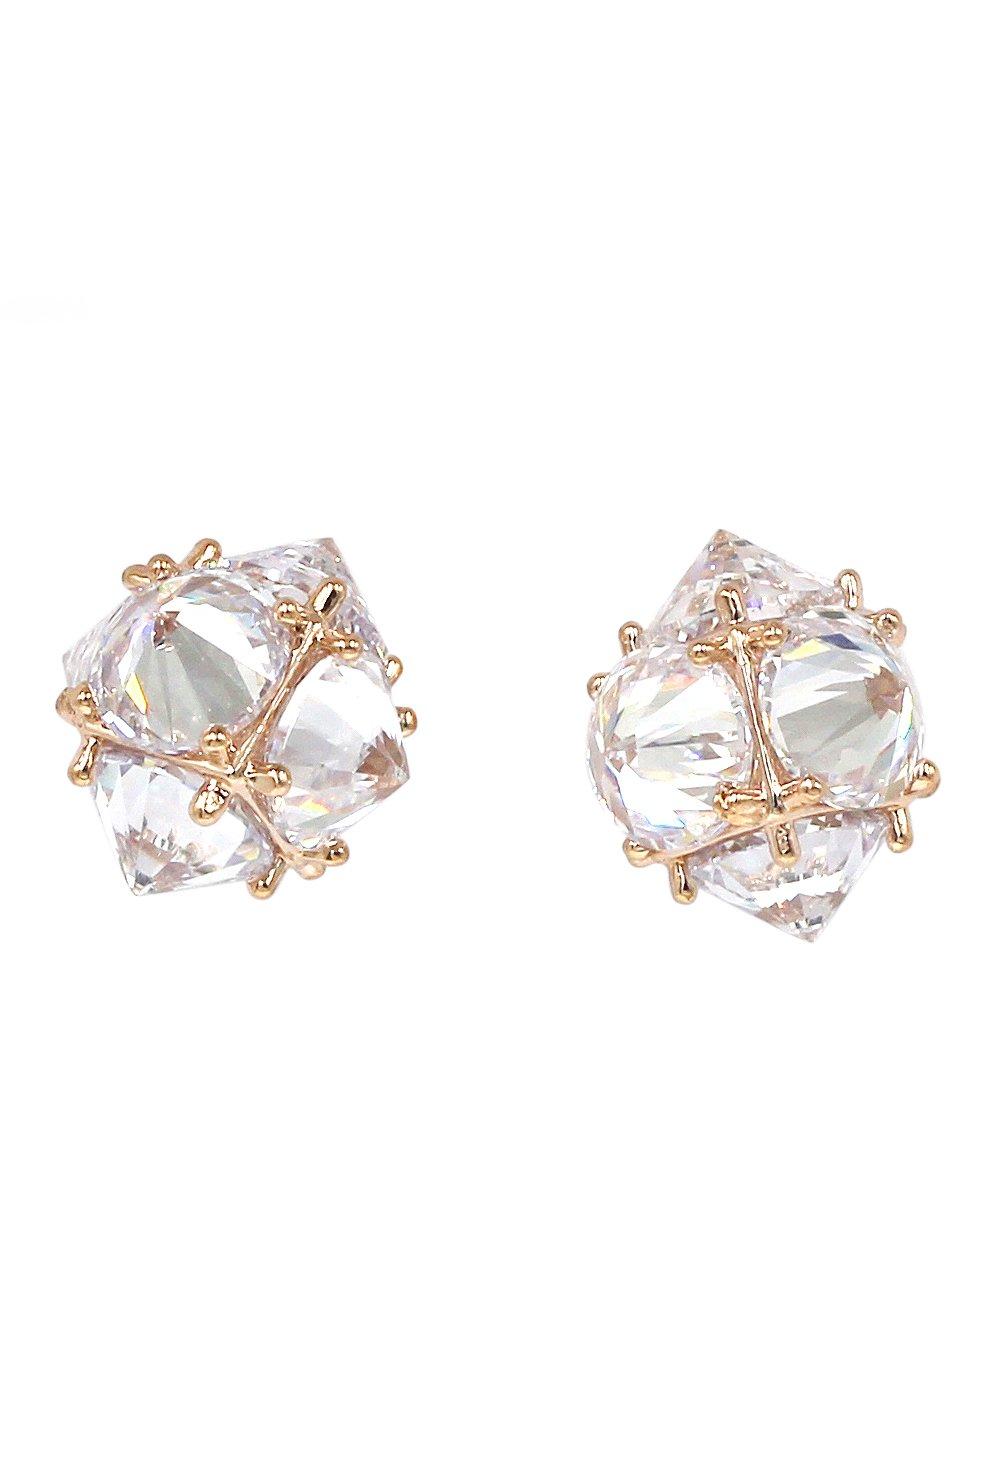 Sparkling sharp crystal earrings